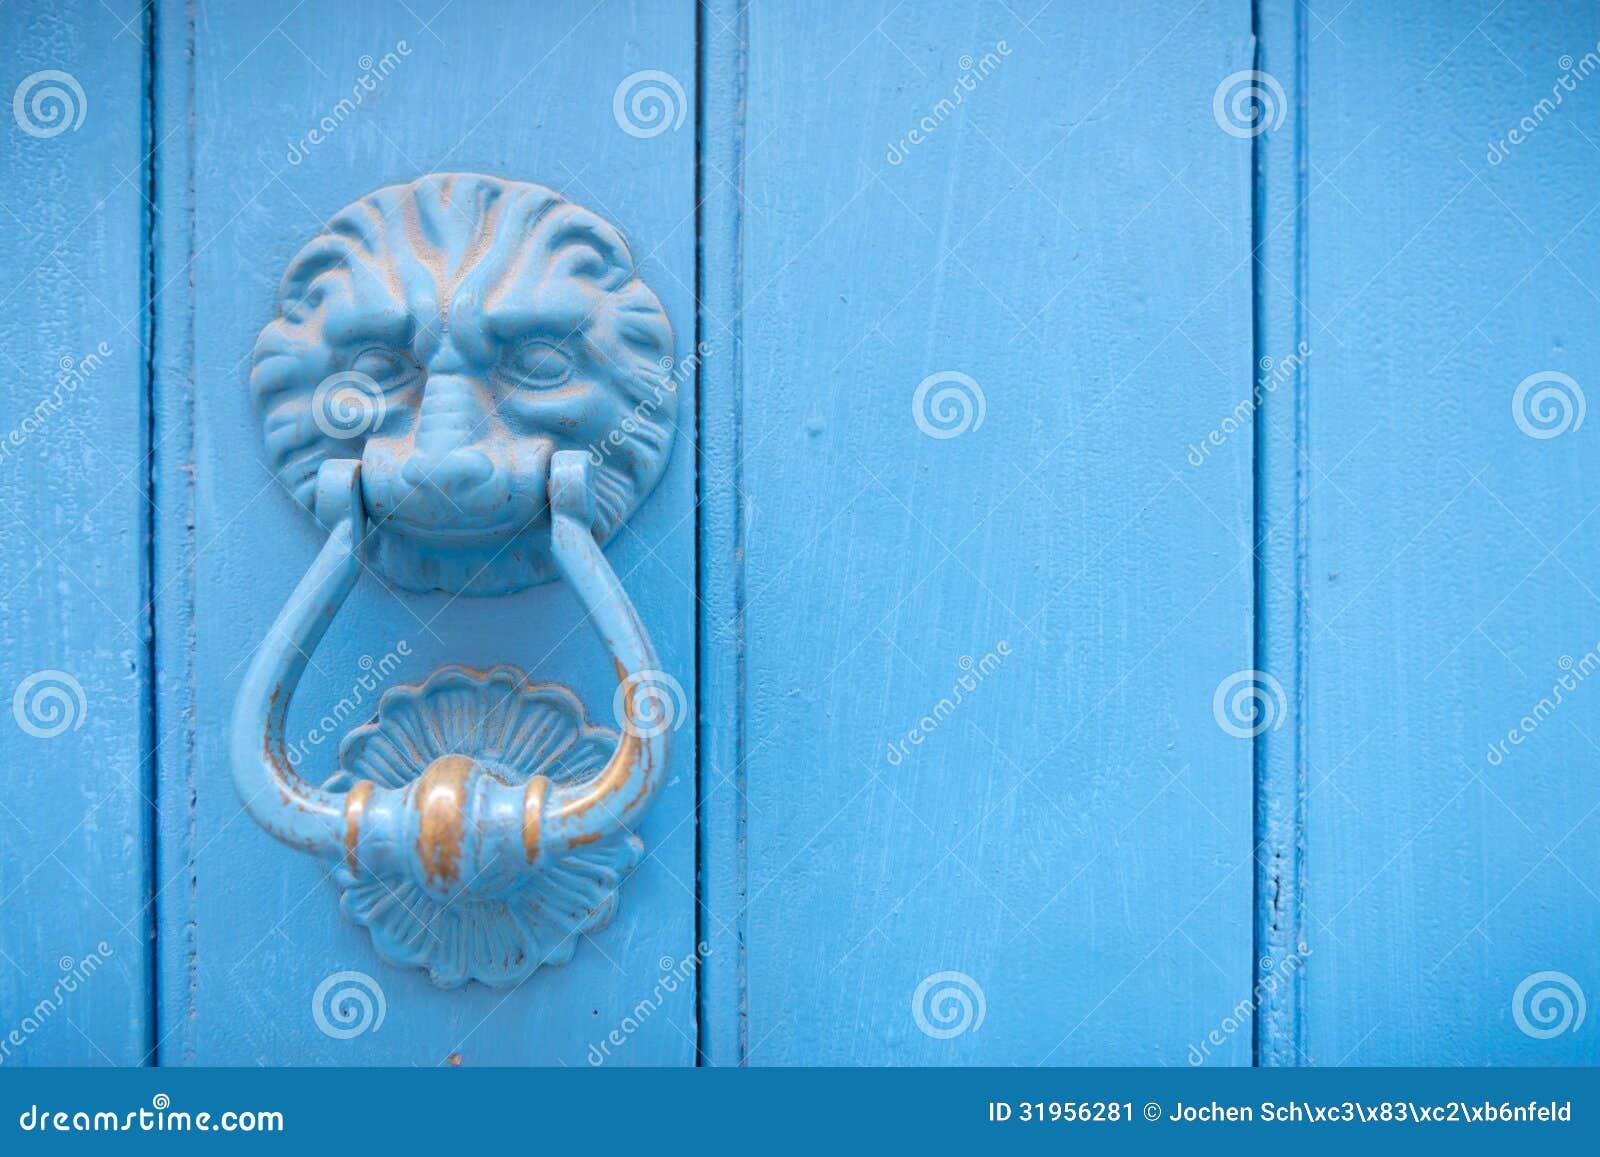 Lion head door knocker on an old wooden door